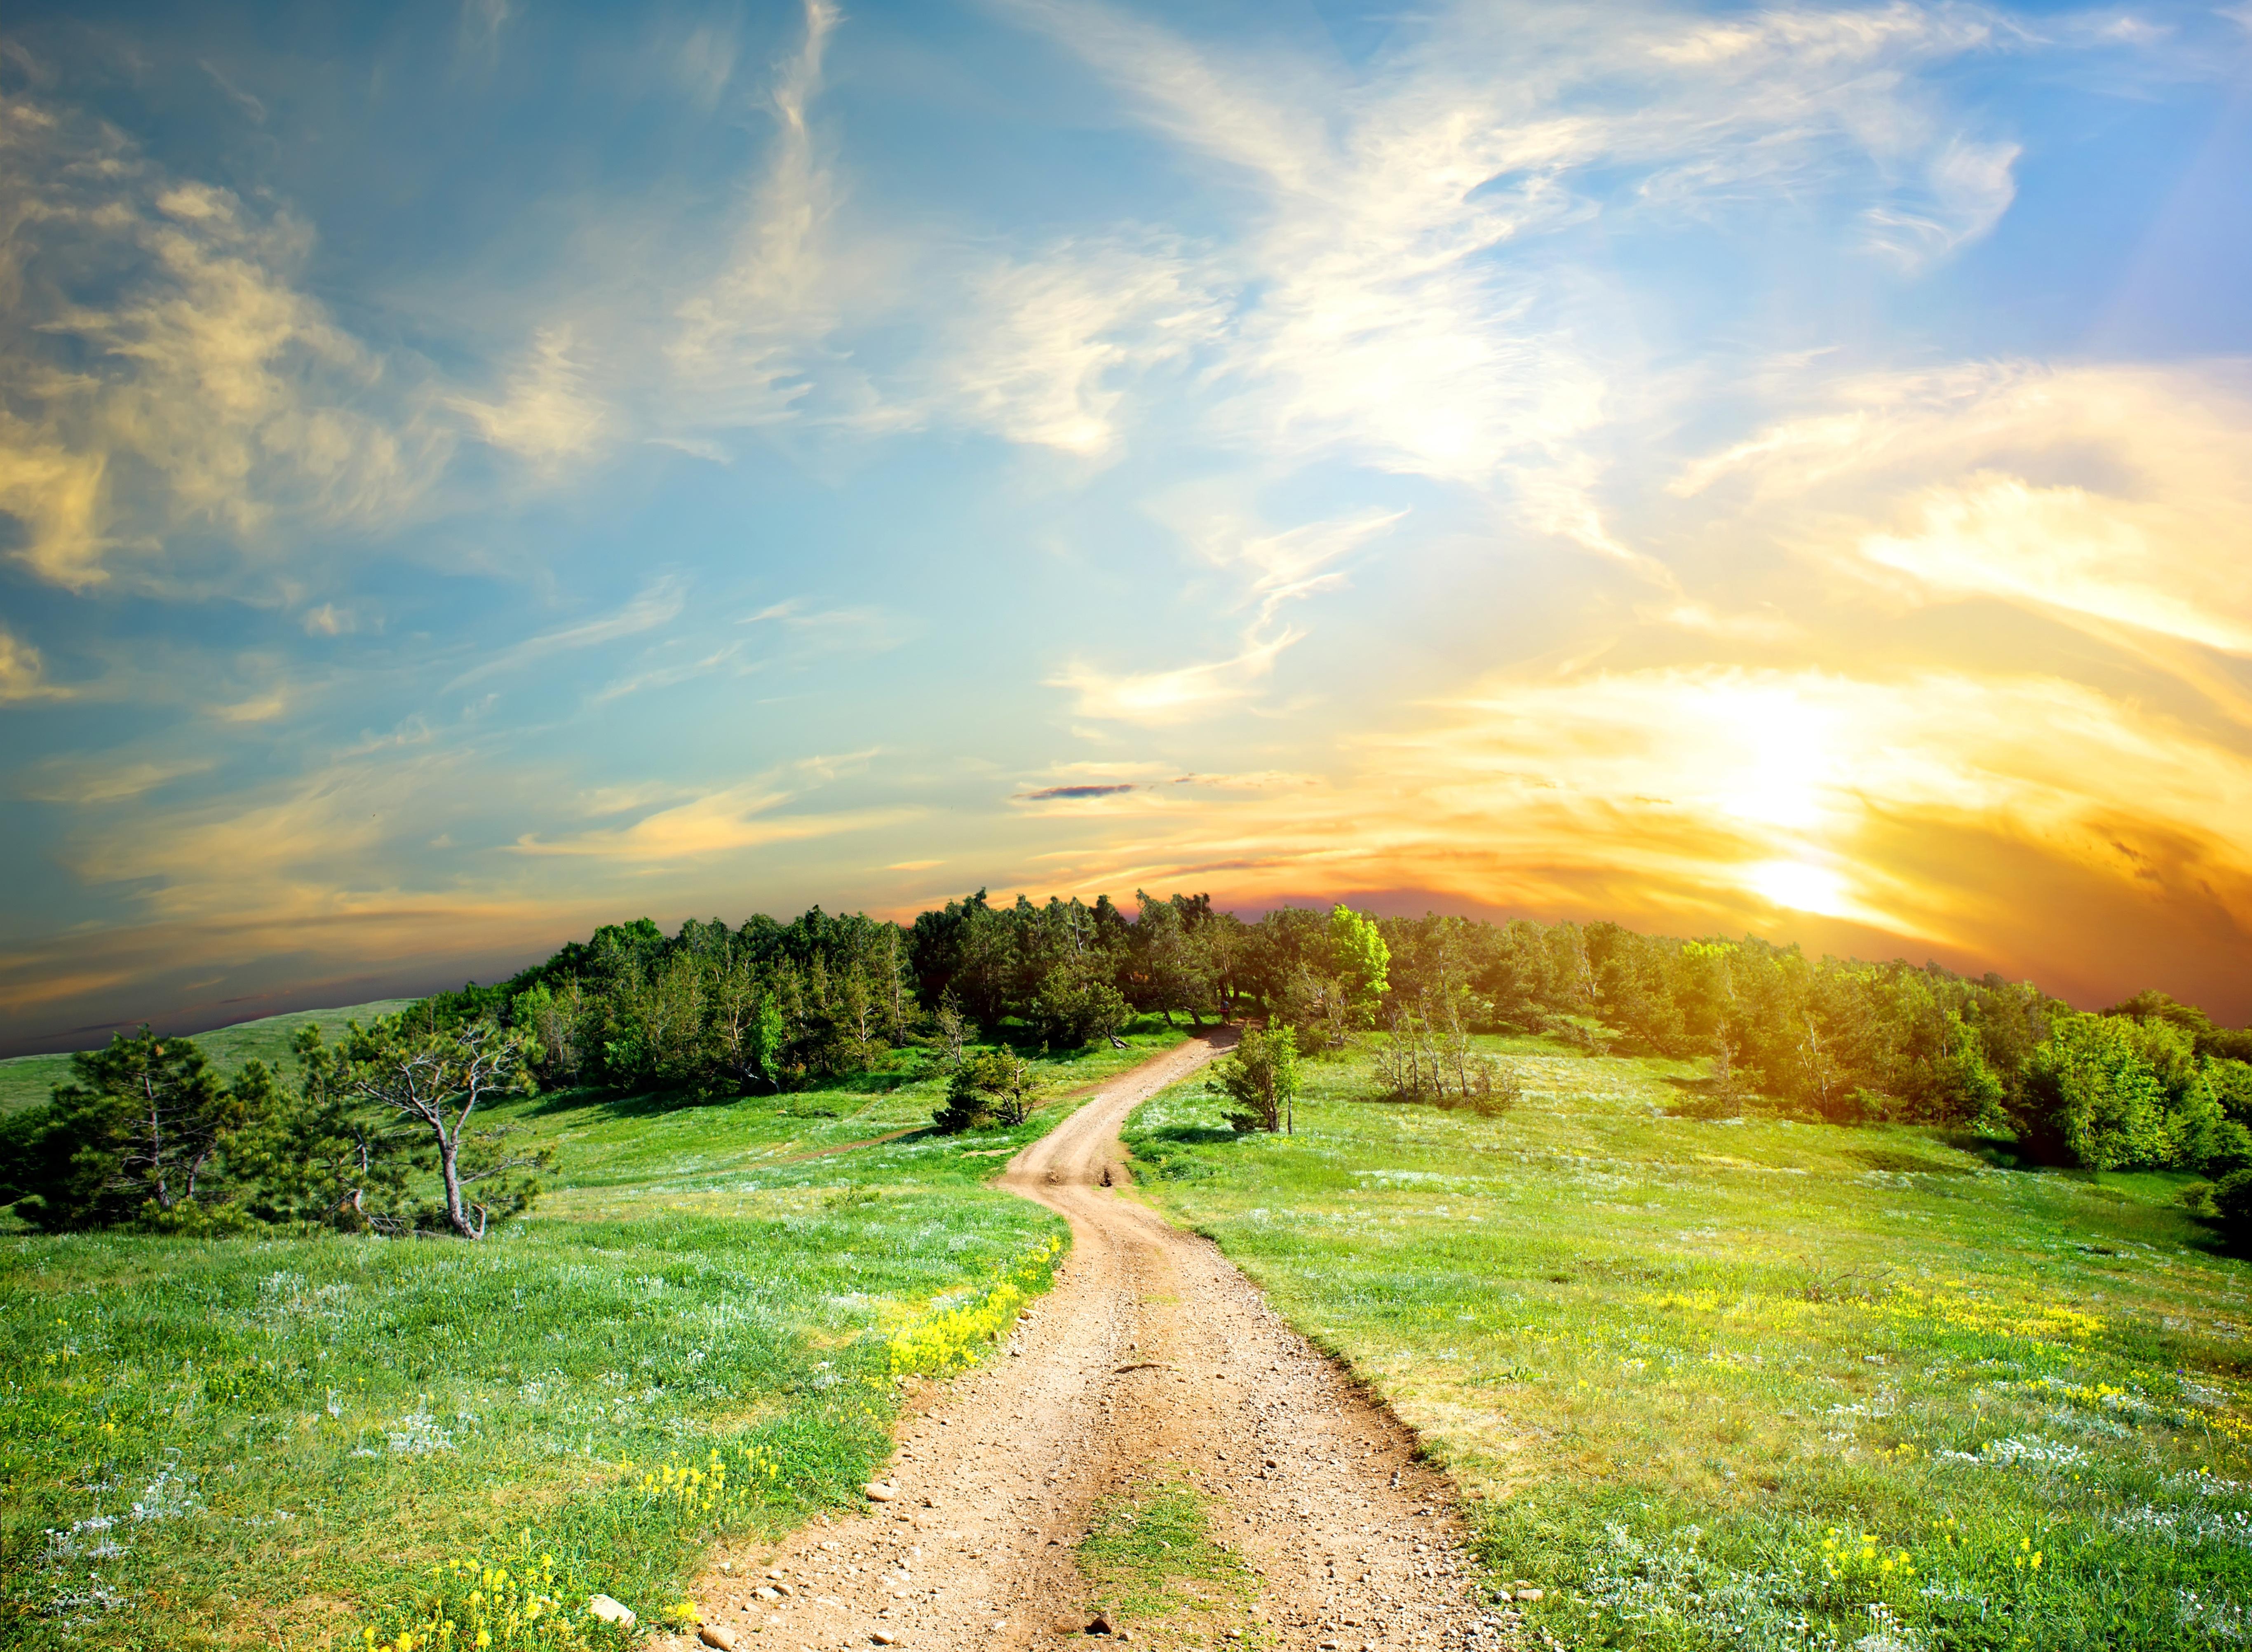 дорога, солнце, трава, деревья  № 3117795  скачать